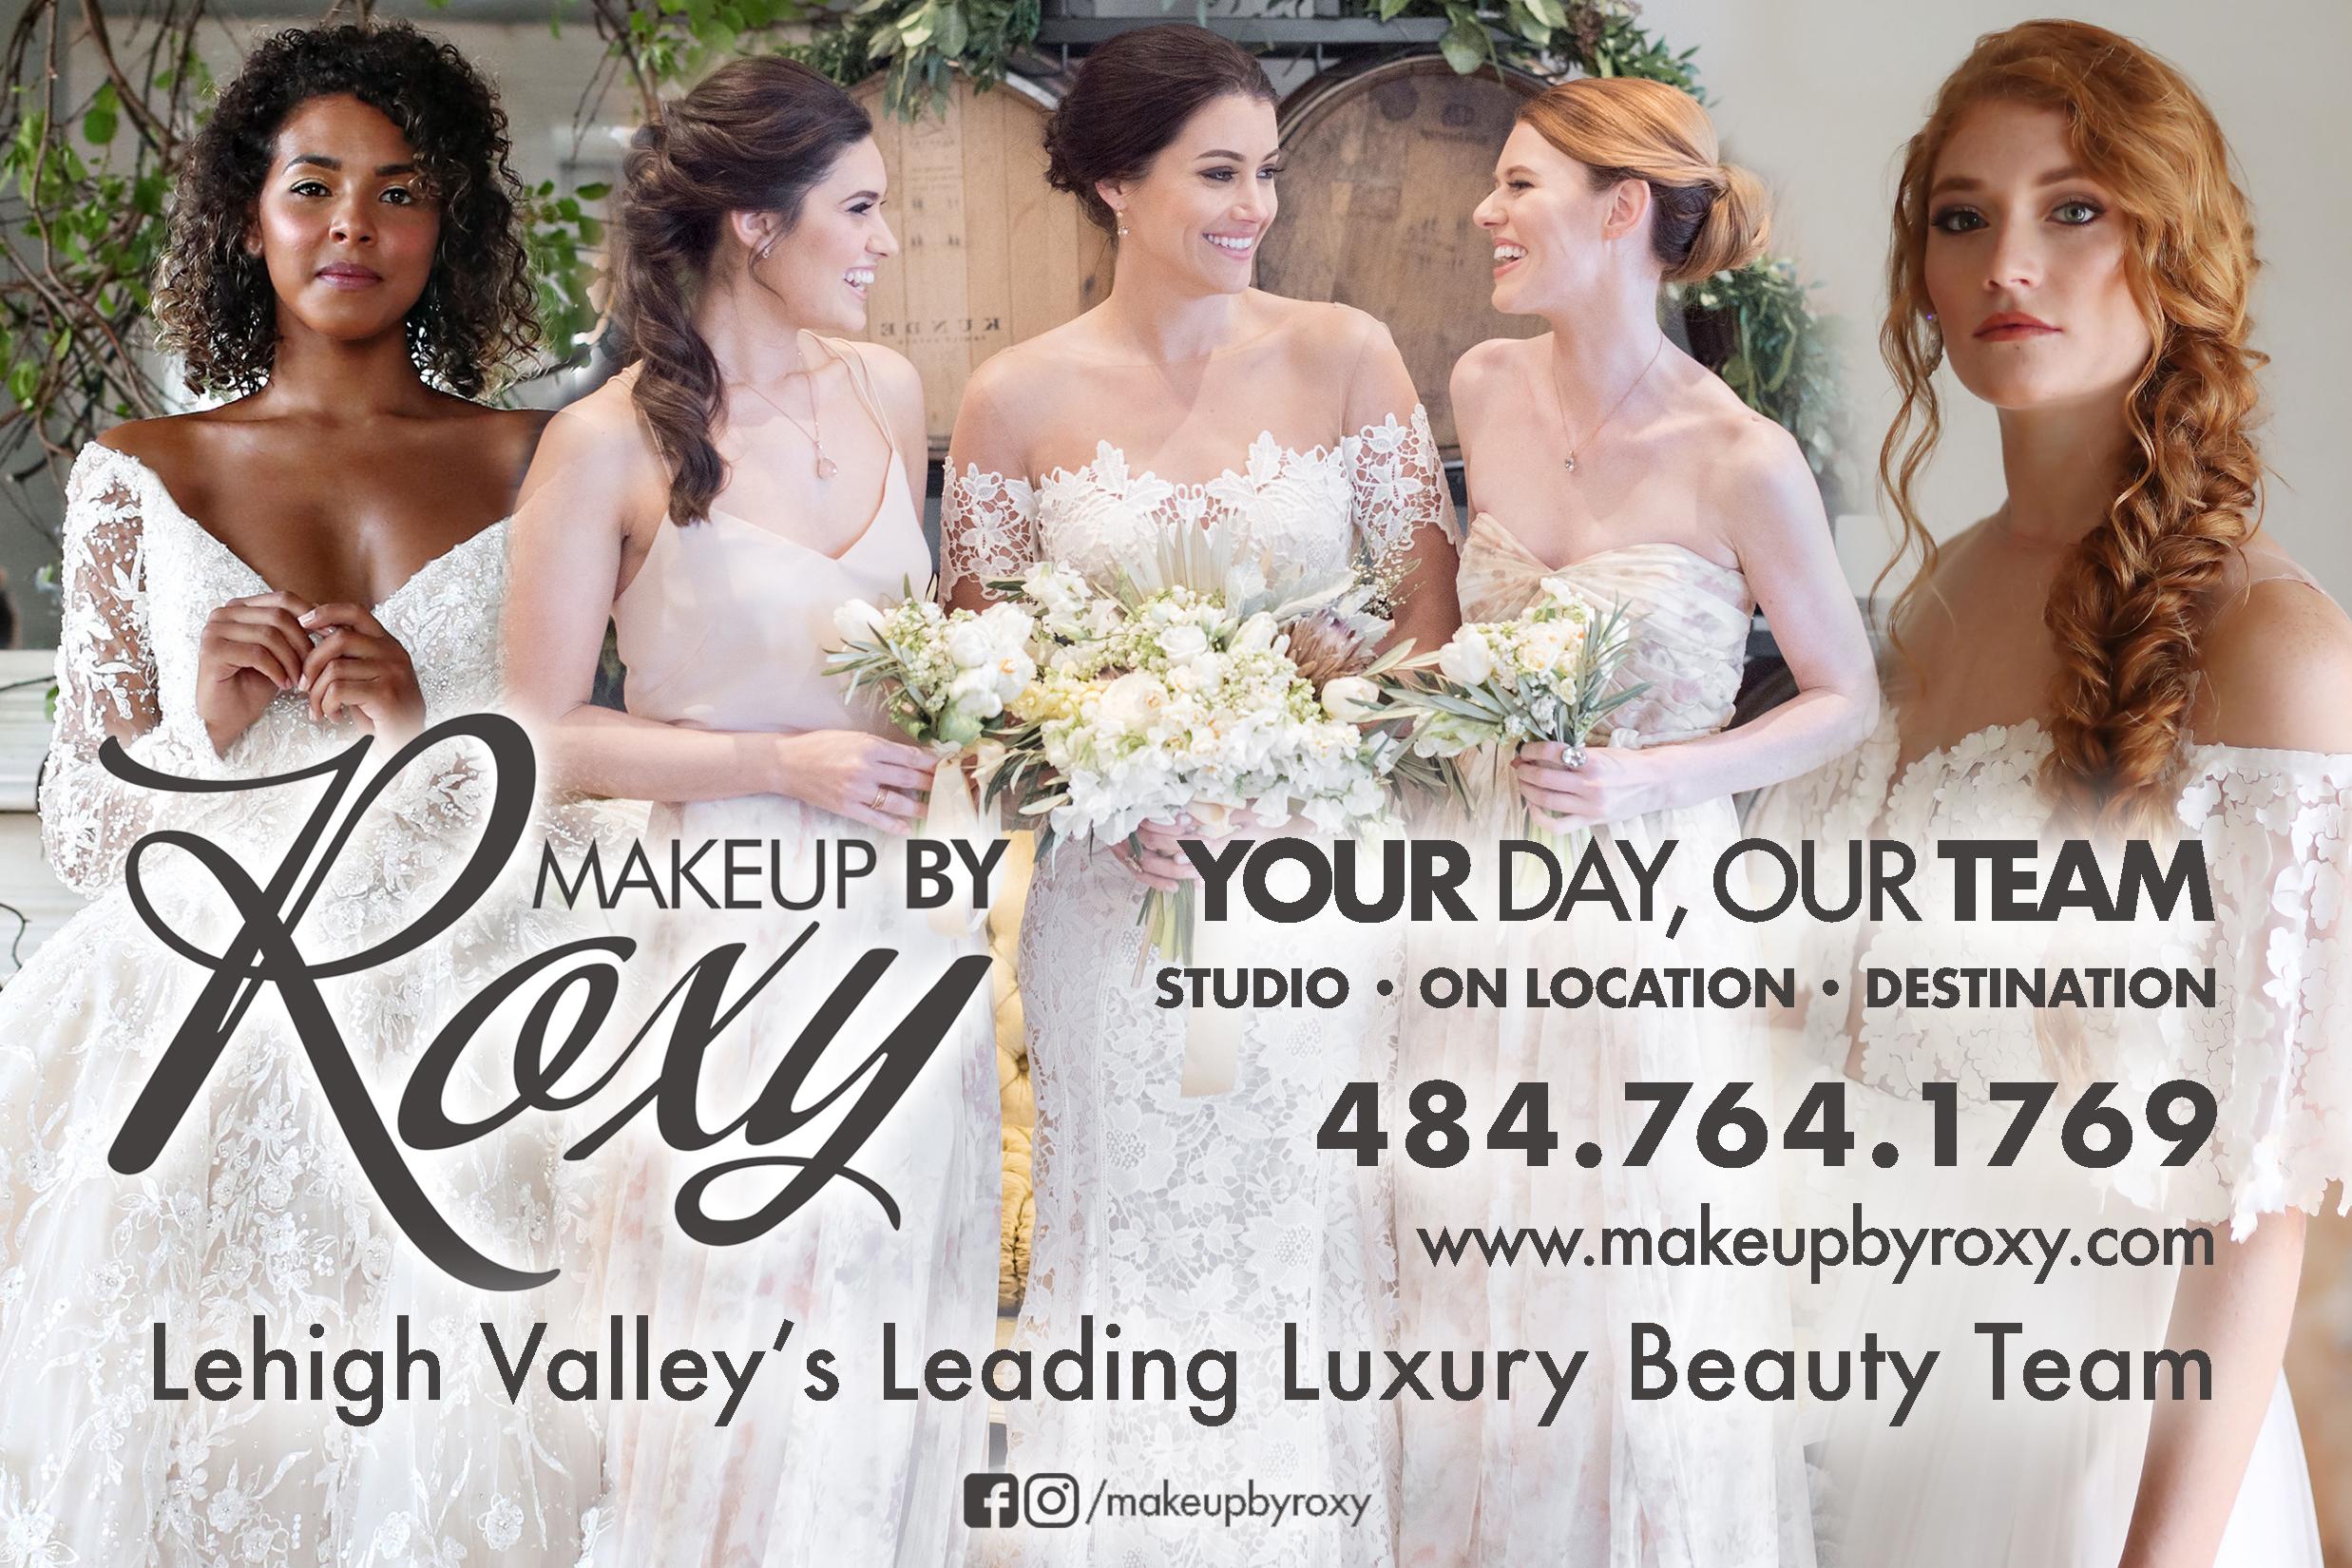 Roxy half page ad.jpg